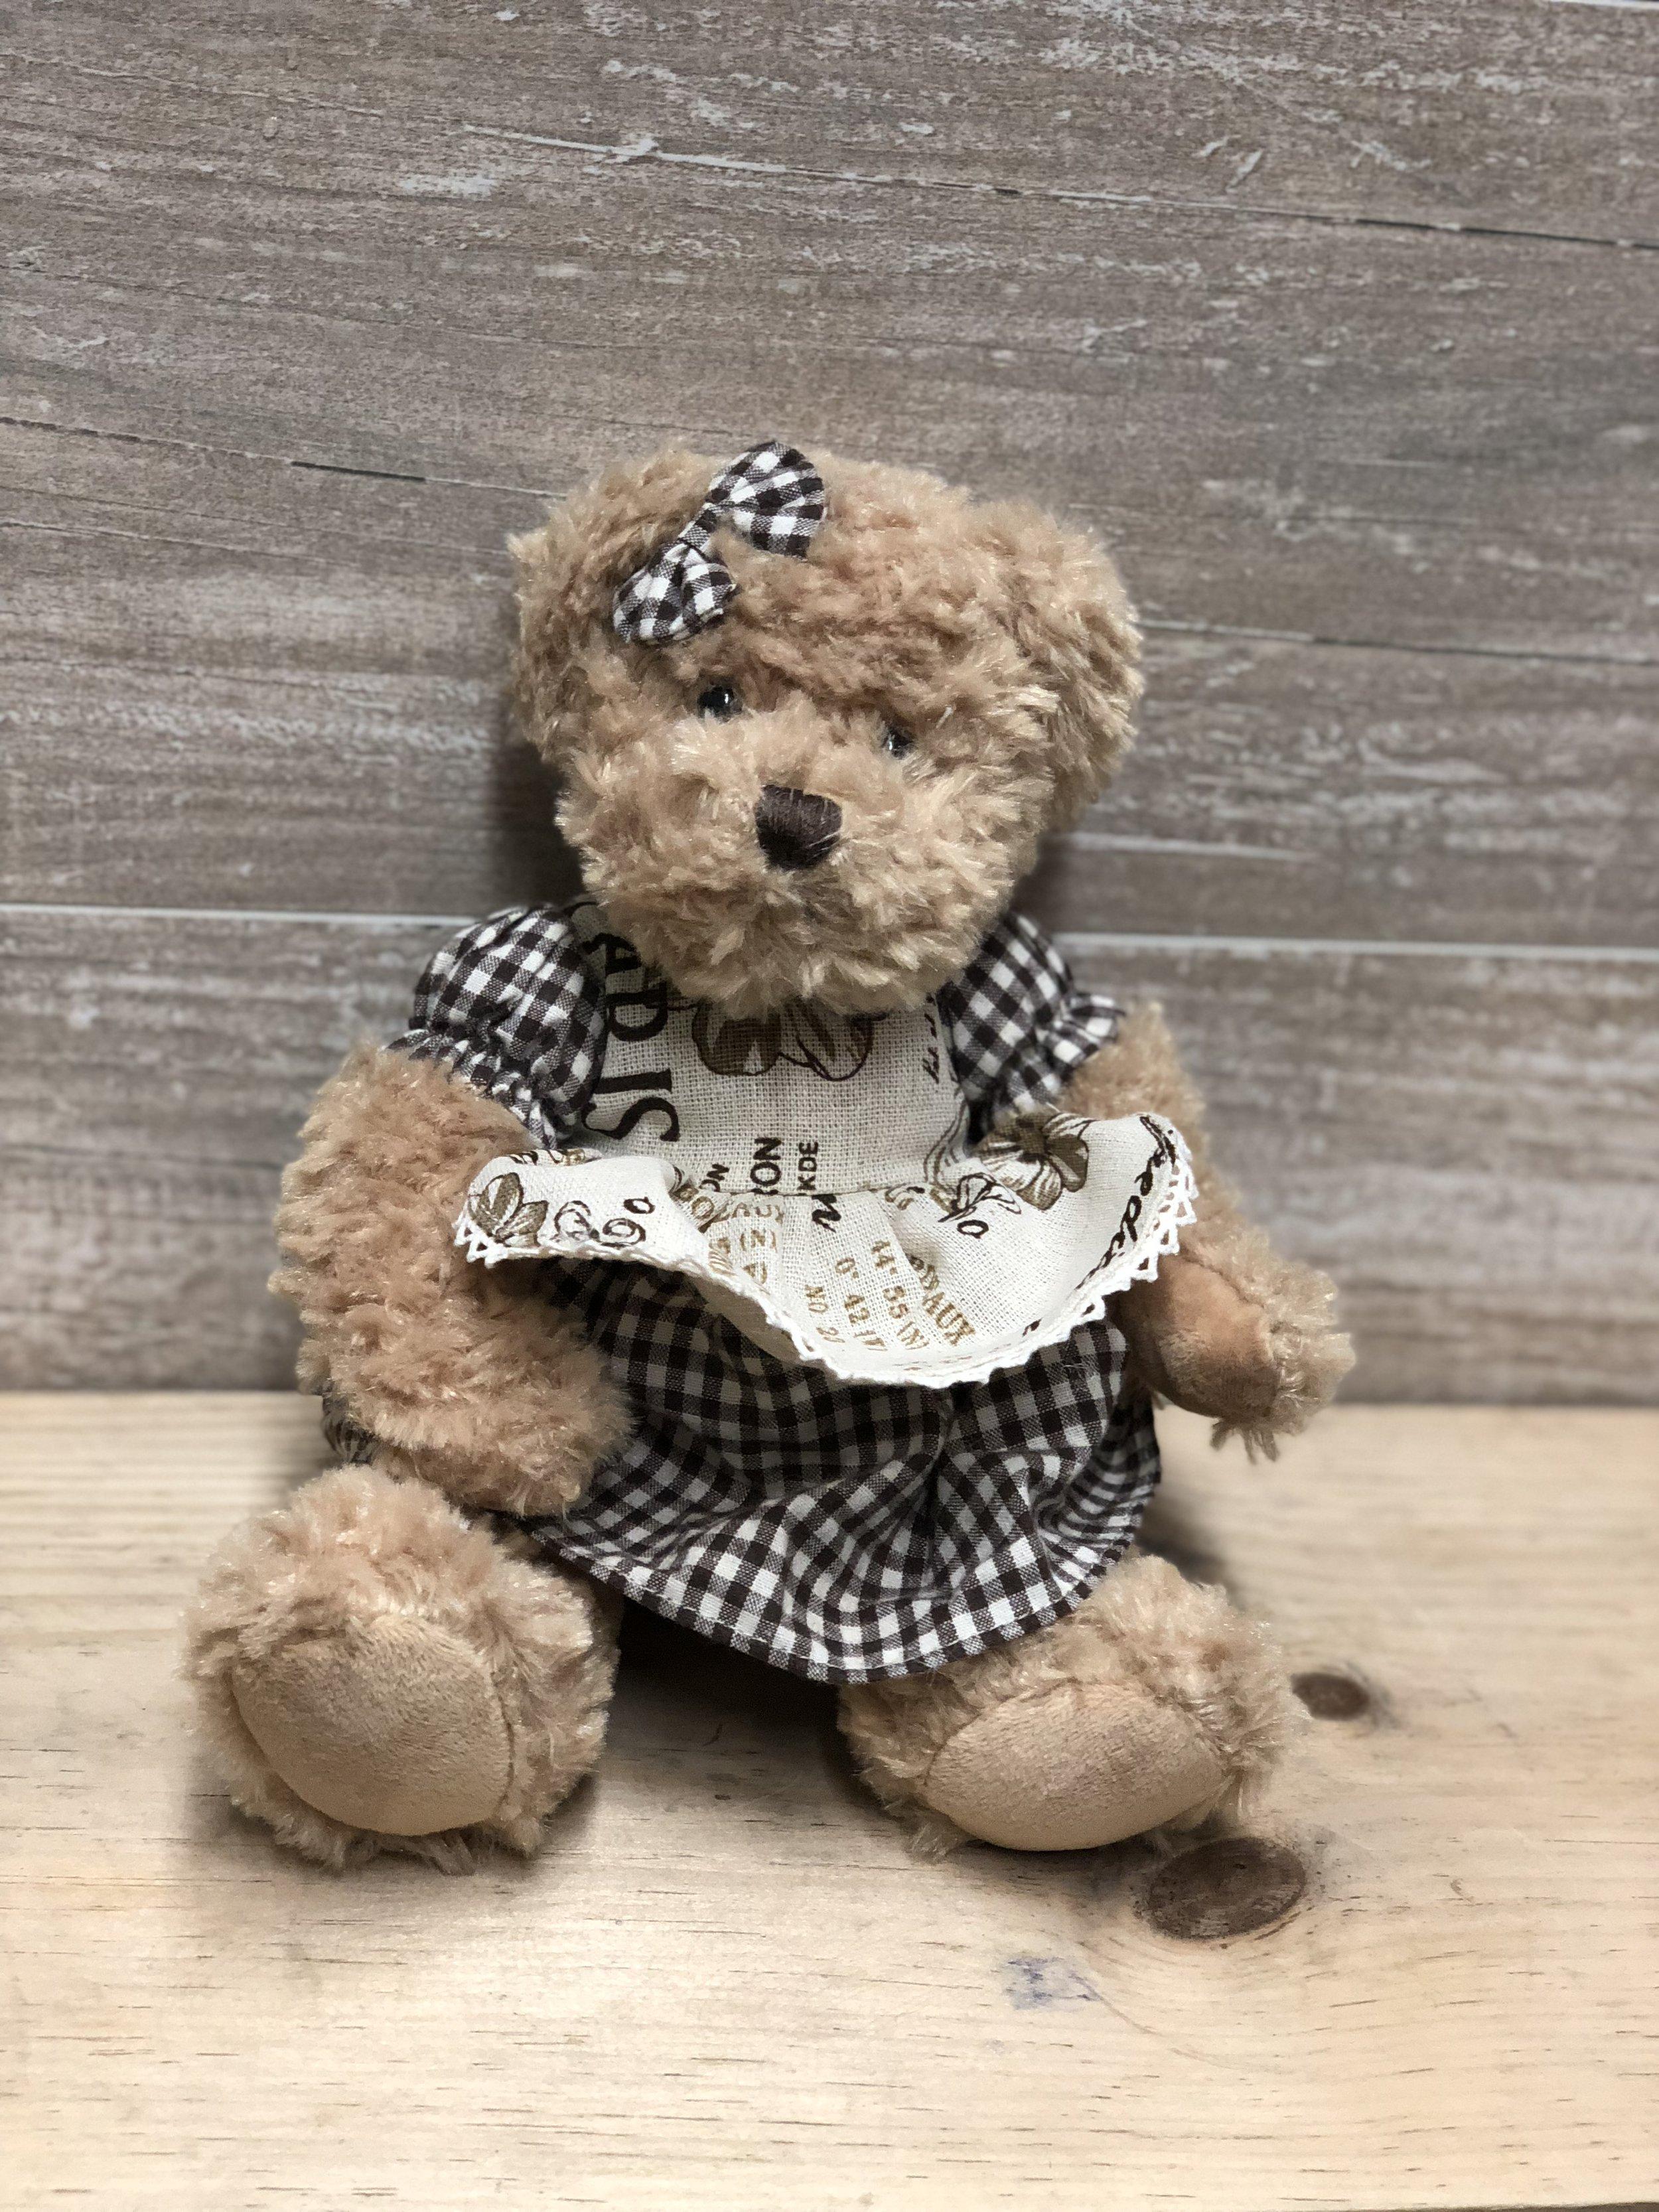 Gingham Dress Vintage Teddy Bear -